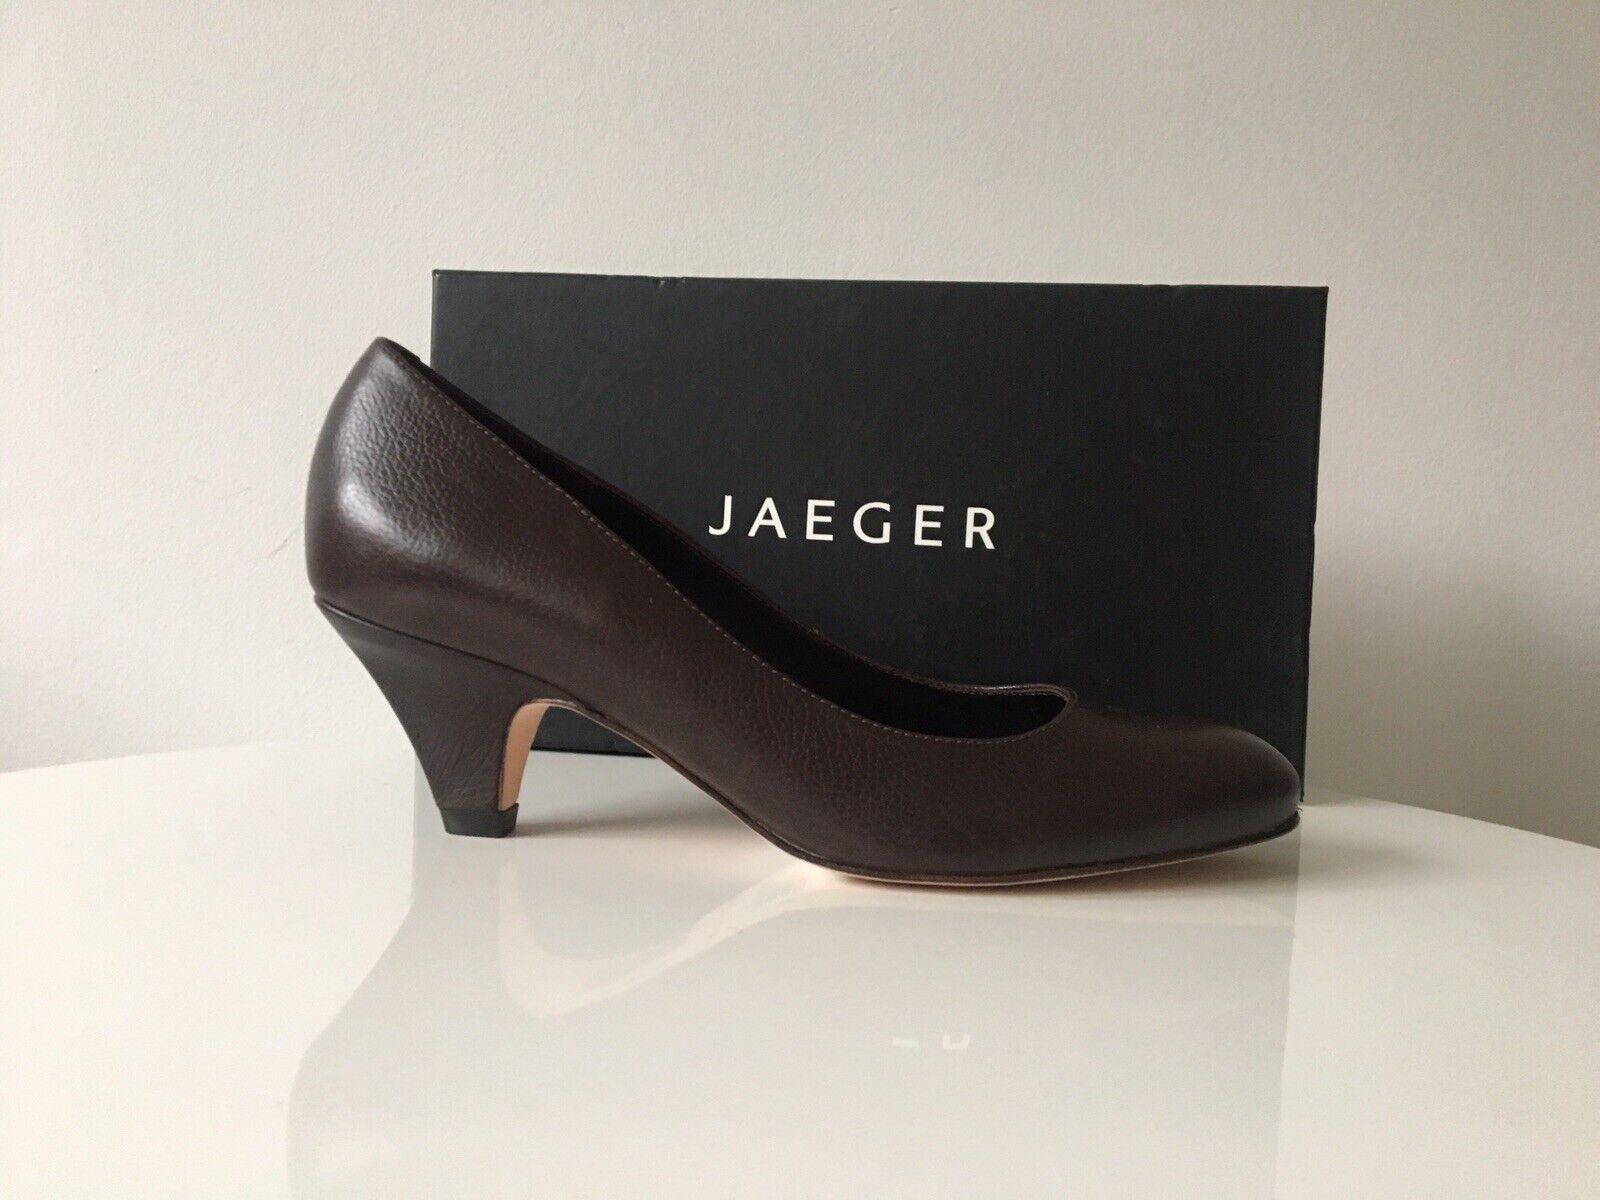 gli ultimi modelli Jaeger tutti in pelle pelle pelle Marronee tacco 2.5  FARETTI 4 UK PPR 99    negozi al dettaglio